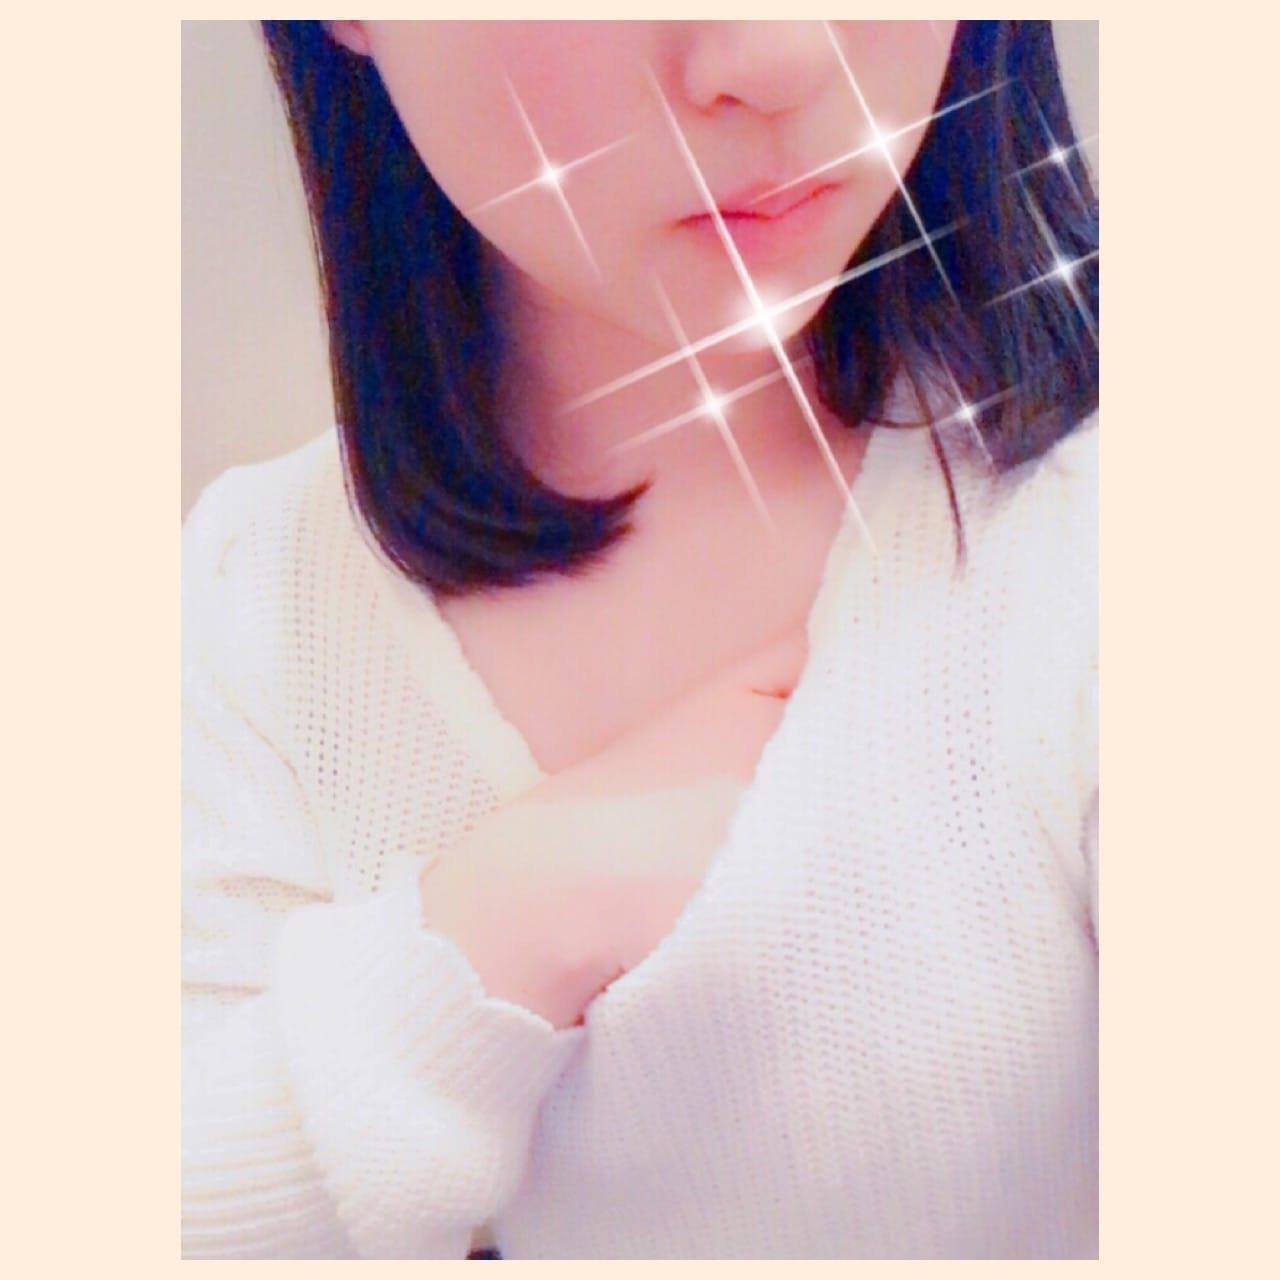 リン先生「KOREA\(_ˆoˆ_)/」02/21(水) 16:45 | リン先生の写メ・風俗動画